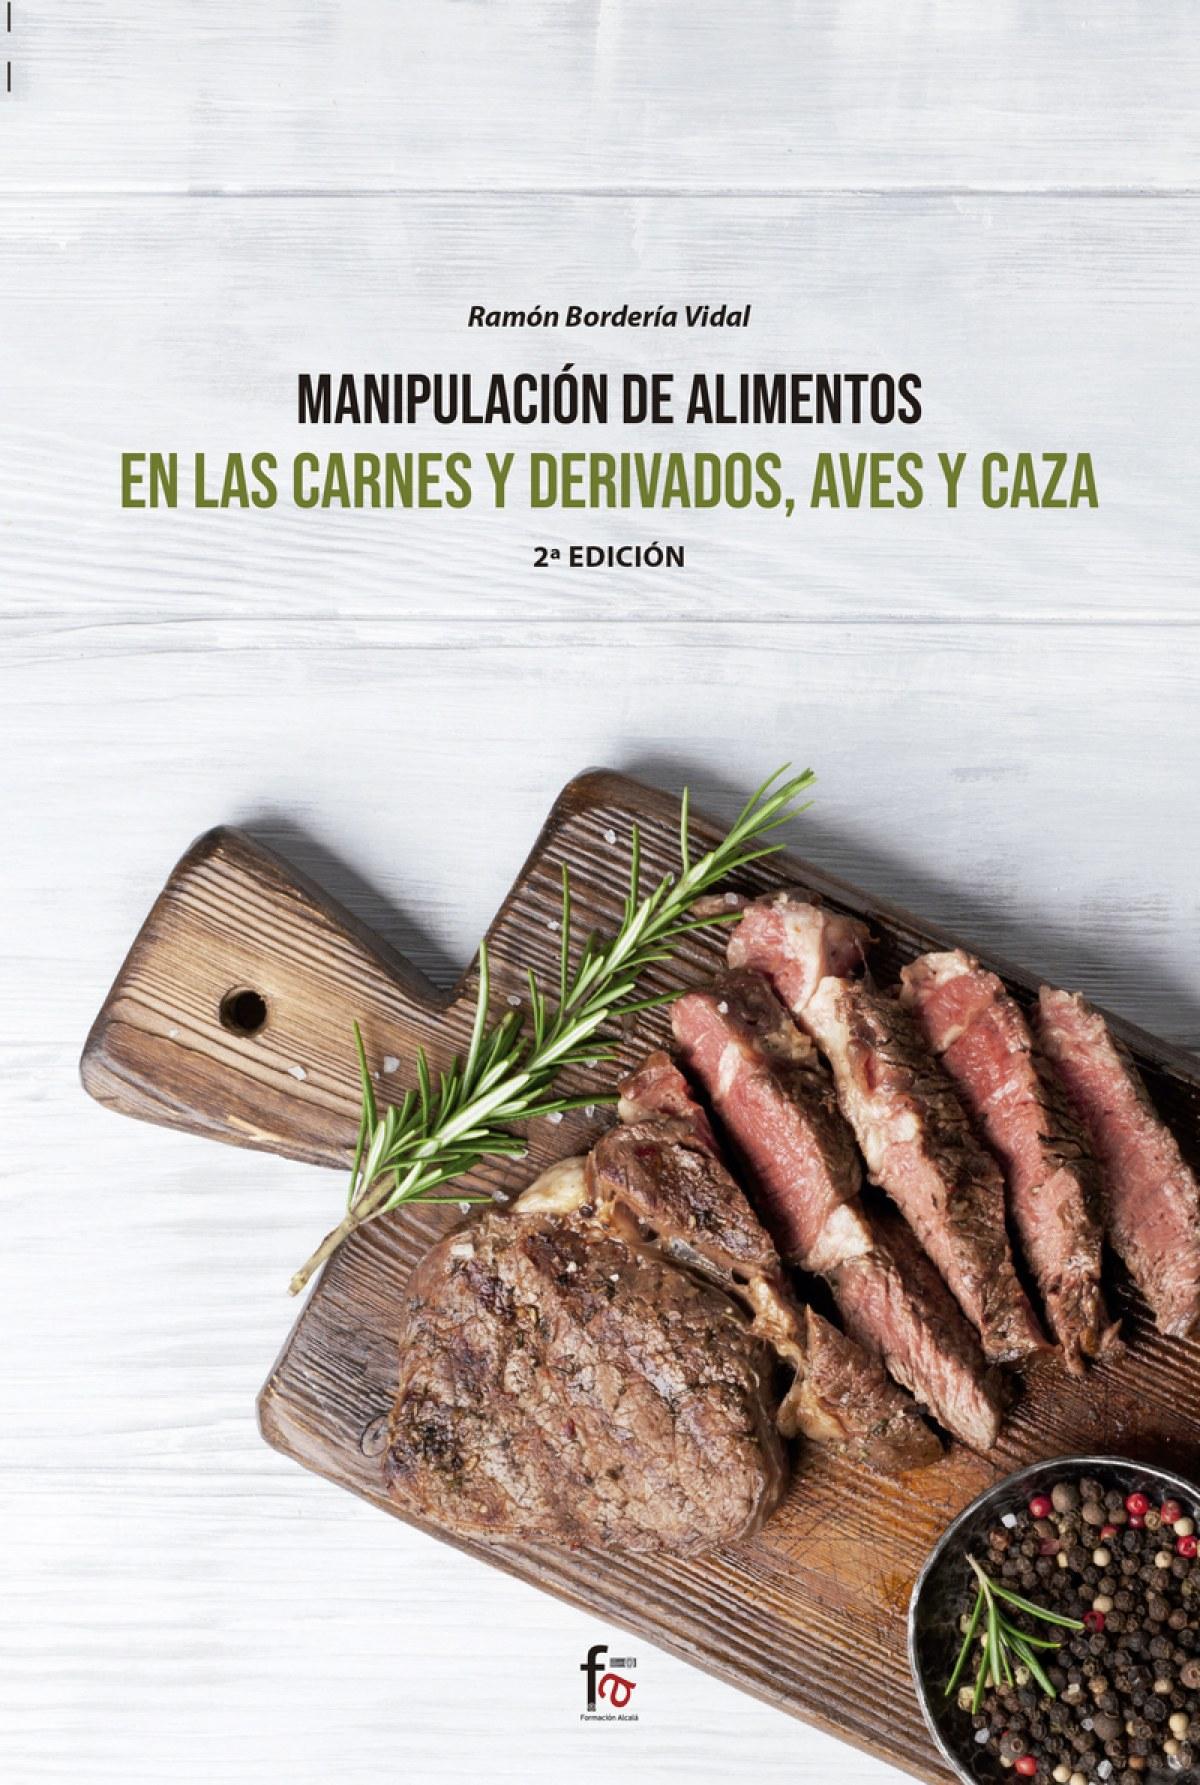 MANIPULACION DE ALIMENTOS EN LAS CARNES Y DERIVADOS, AVES Y CAZA-